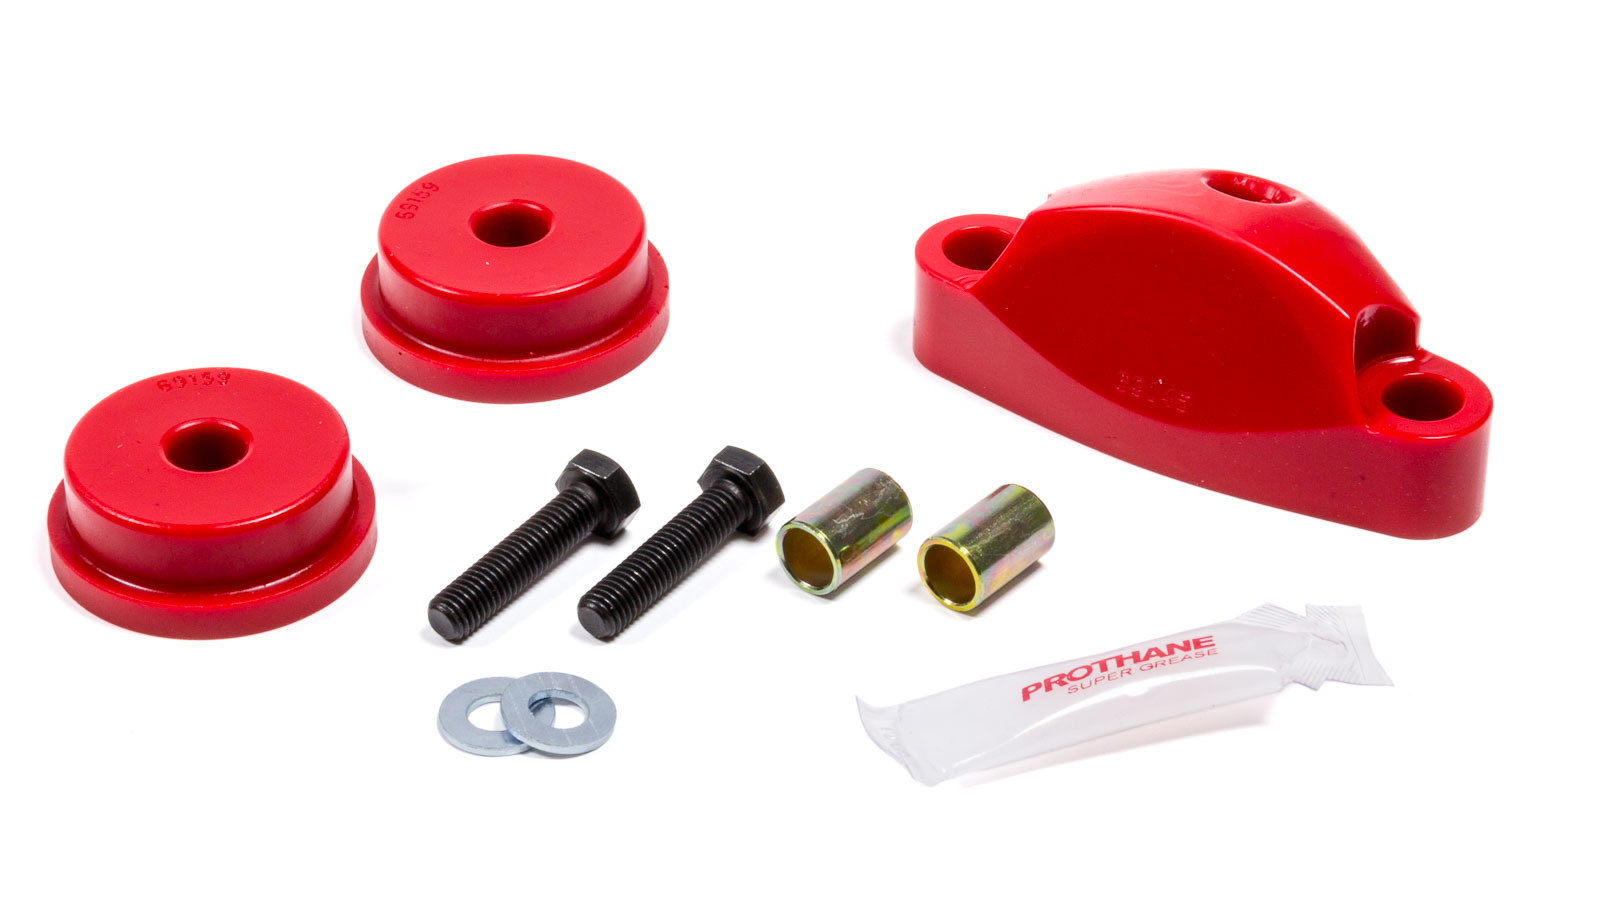 Prothane 16-1602 Shifter Bushing, Stabilizer, Polyurethane, Red, Subaru Impreza WRK 1997-2011, Kit